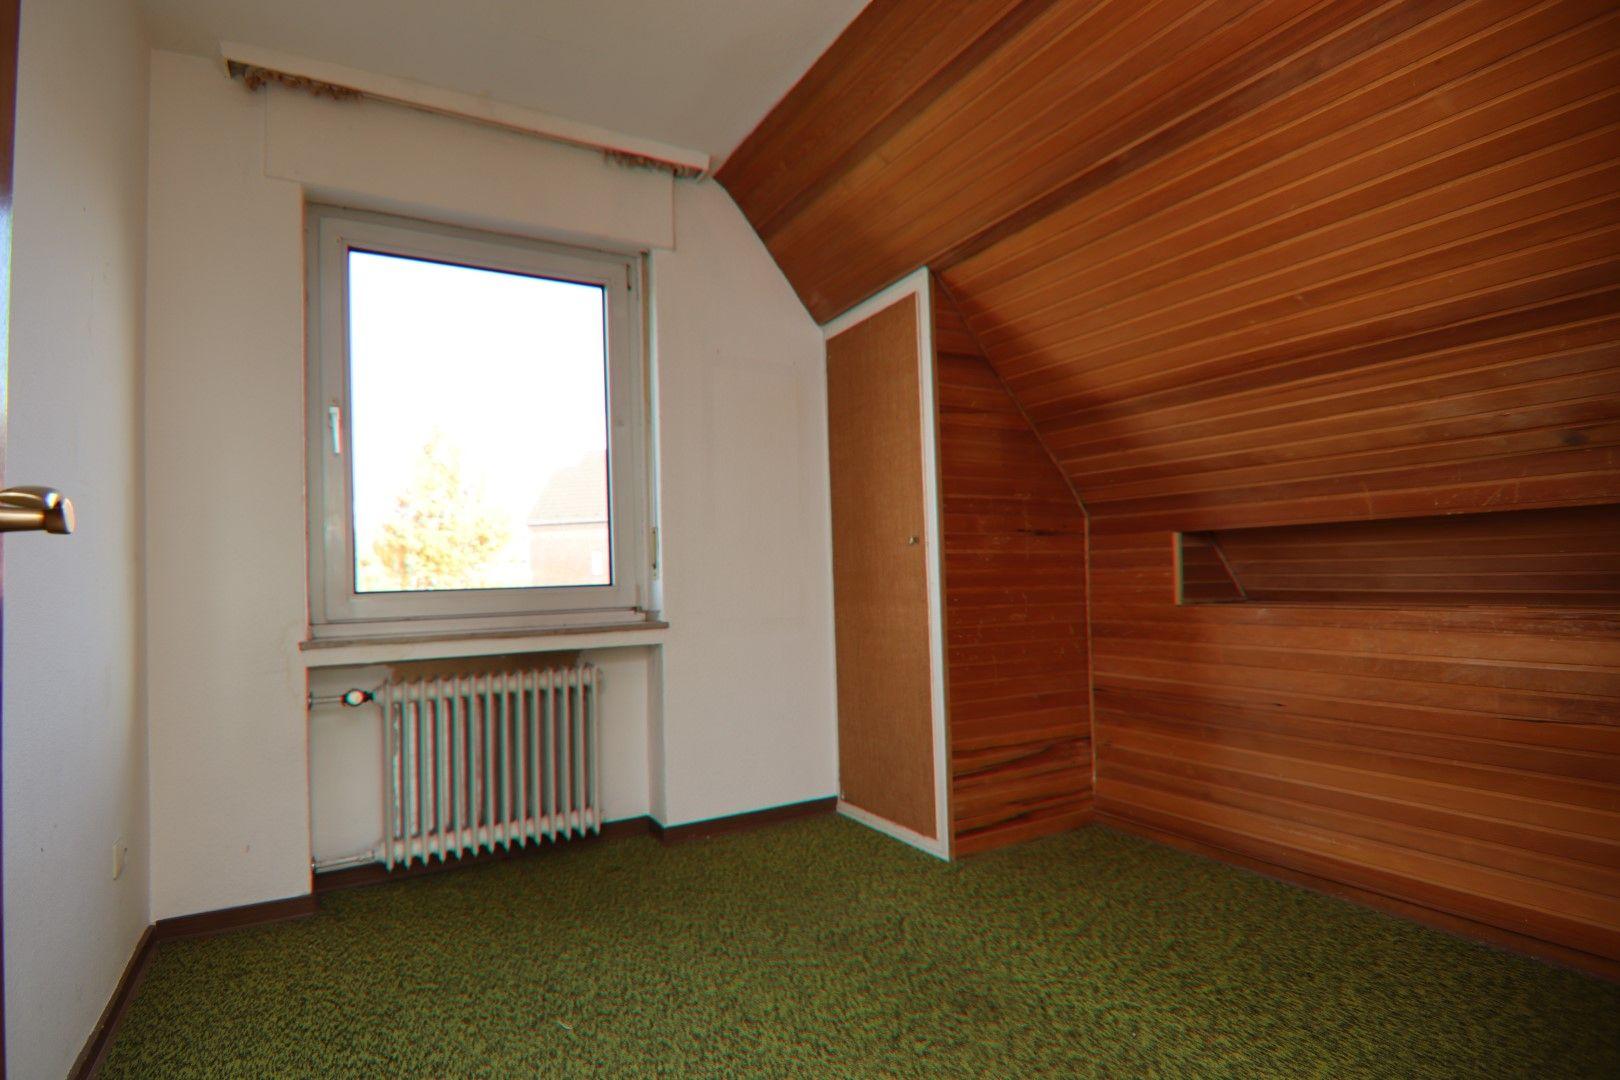 Immobilie Nr.0279 - Freistehendes EFH mit Anbau, Keller und Garage - Bild 11.jpg